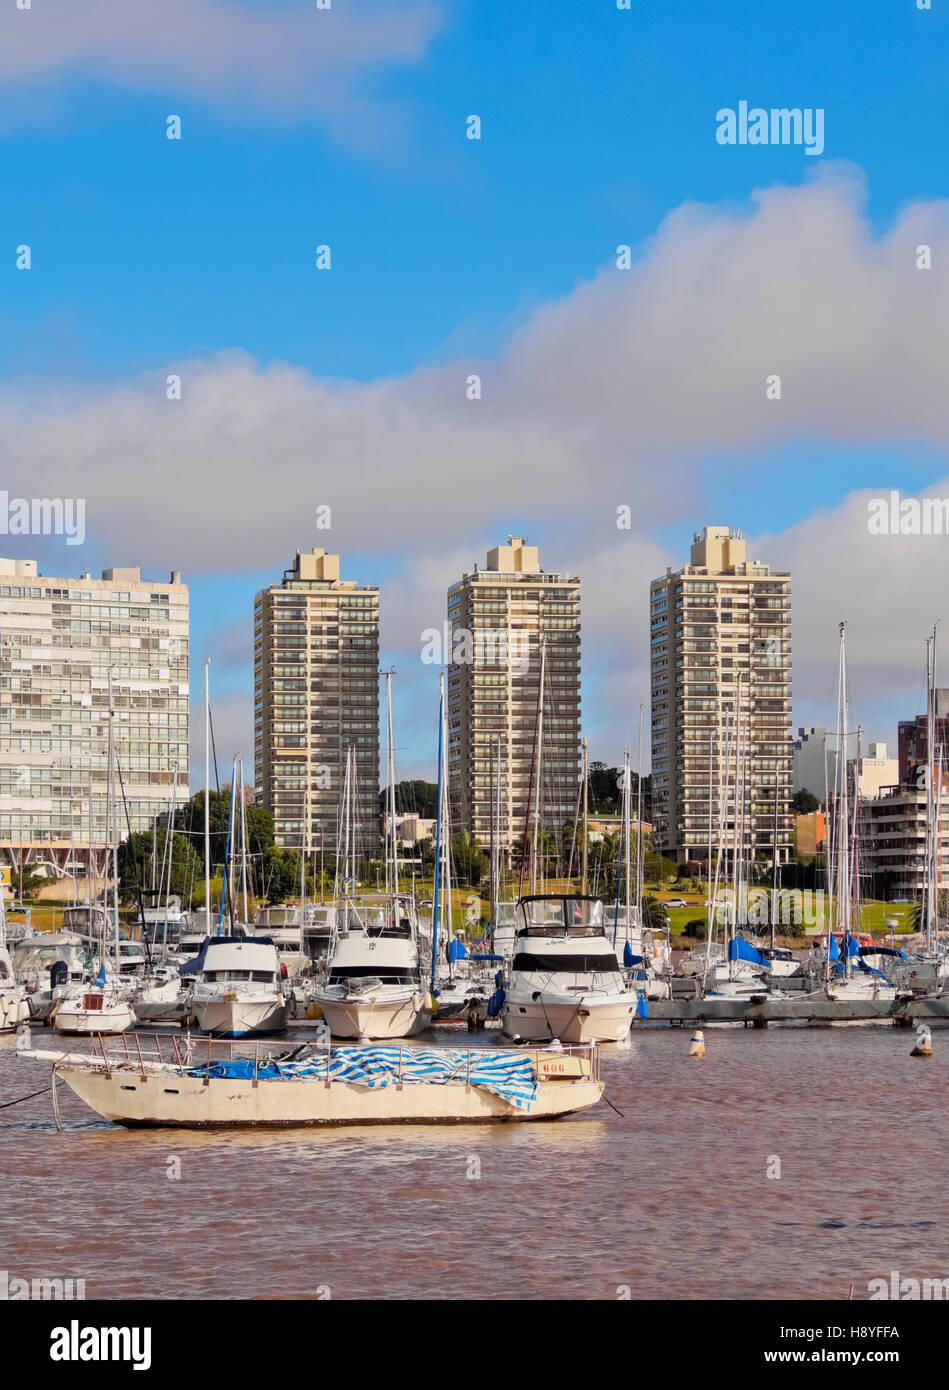 Uruguay, Montevideo, Little Port in Buceo Neighbourhood. - Stock Image